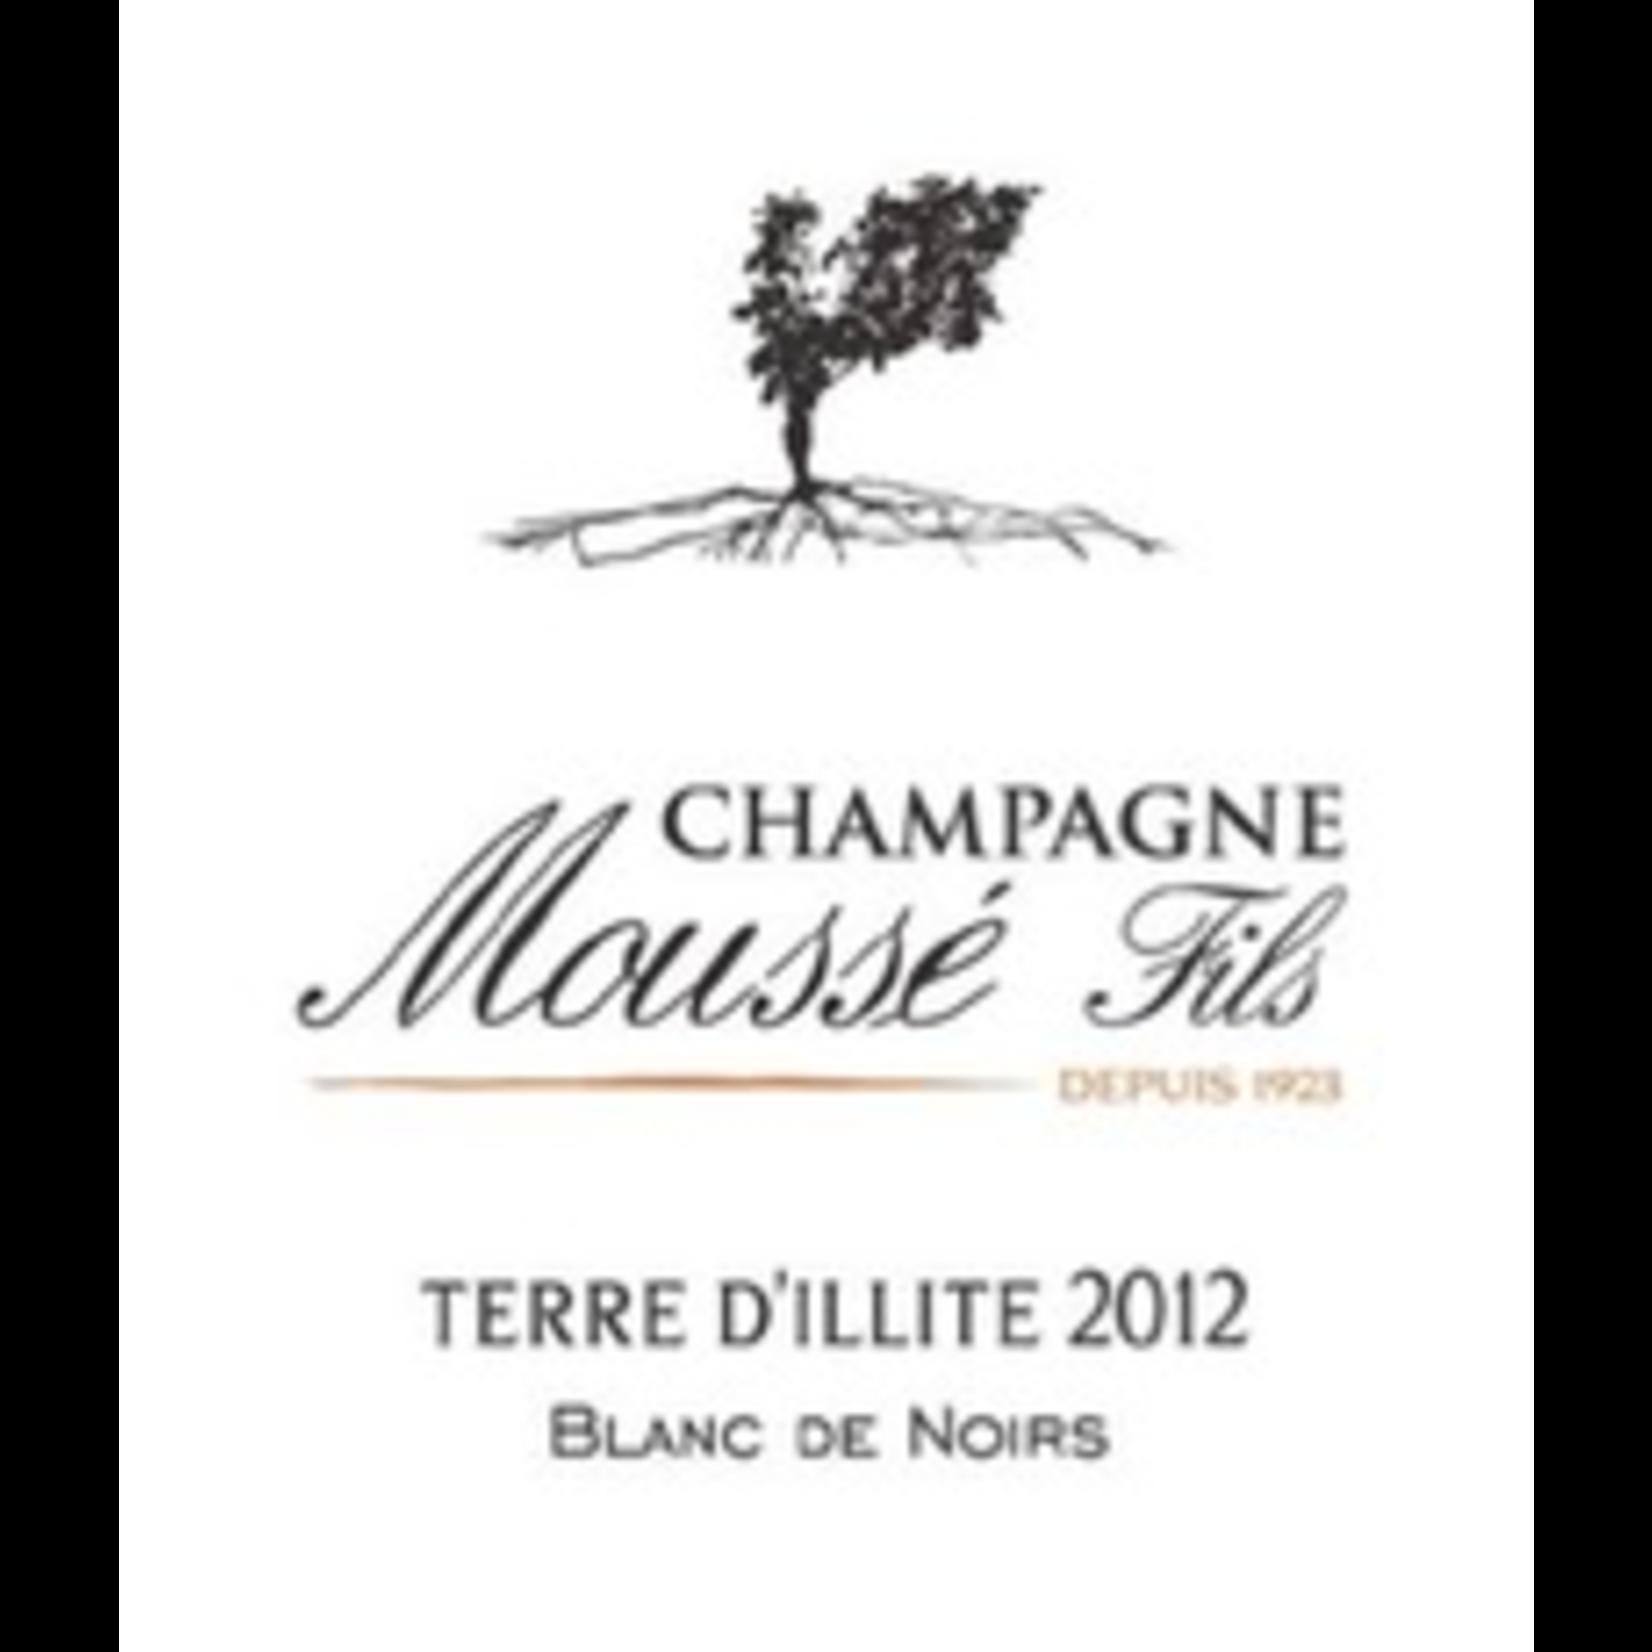 Mousse Fils Champagne Brut Blanc de Noirs Terre D'Illite 2013